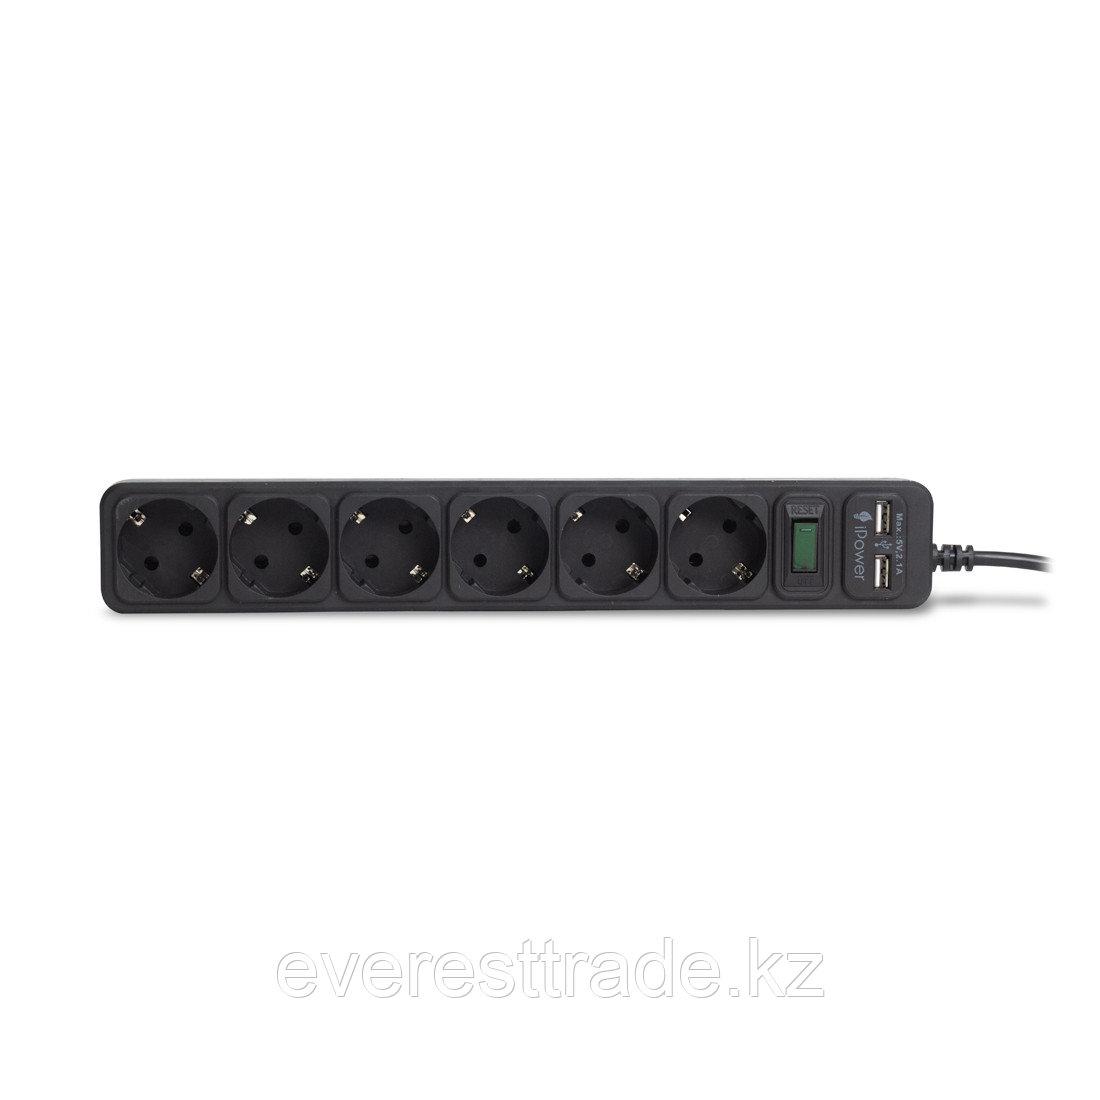 Сетевой фильтр, iPower, iPEO5m-USB, 6 розеток, 5 метров, Два USB-порта 220-240V, 10A, Чёрный